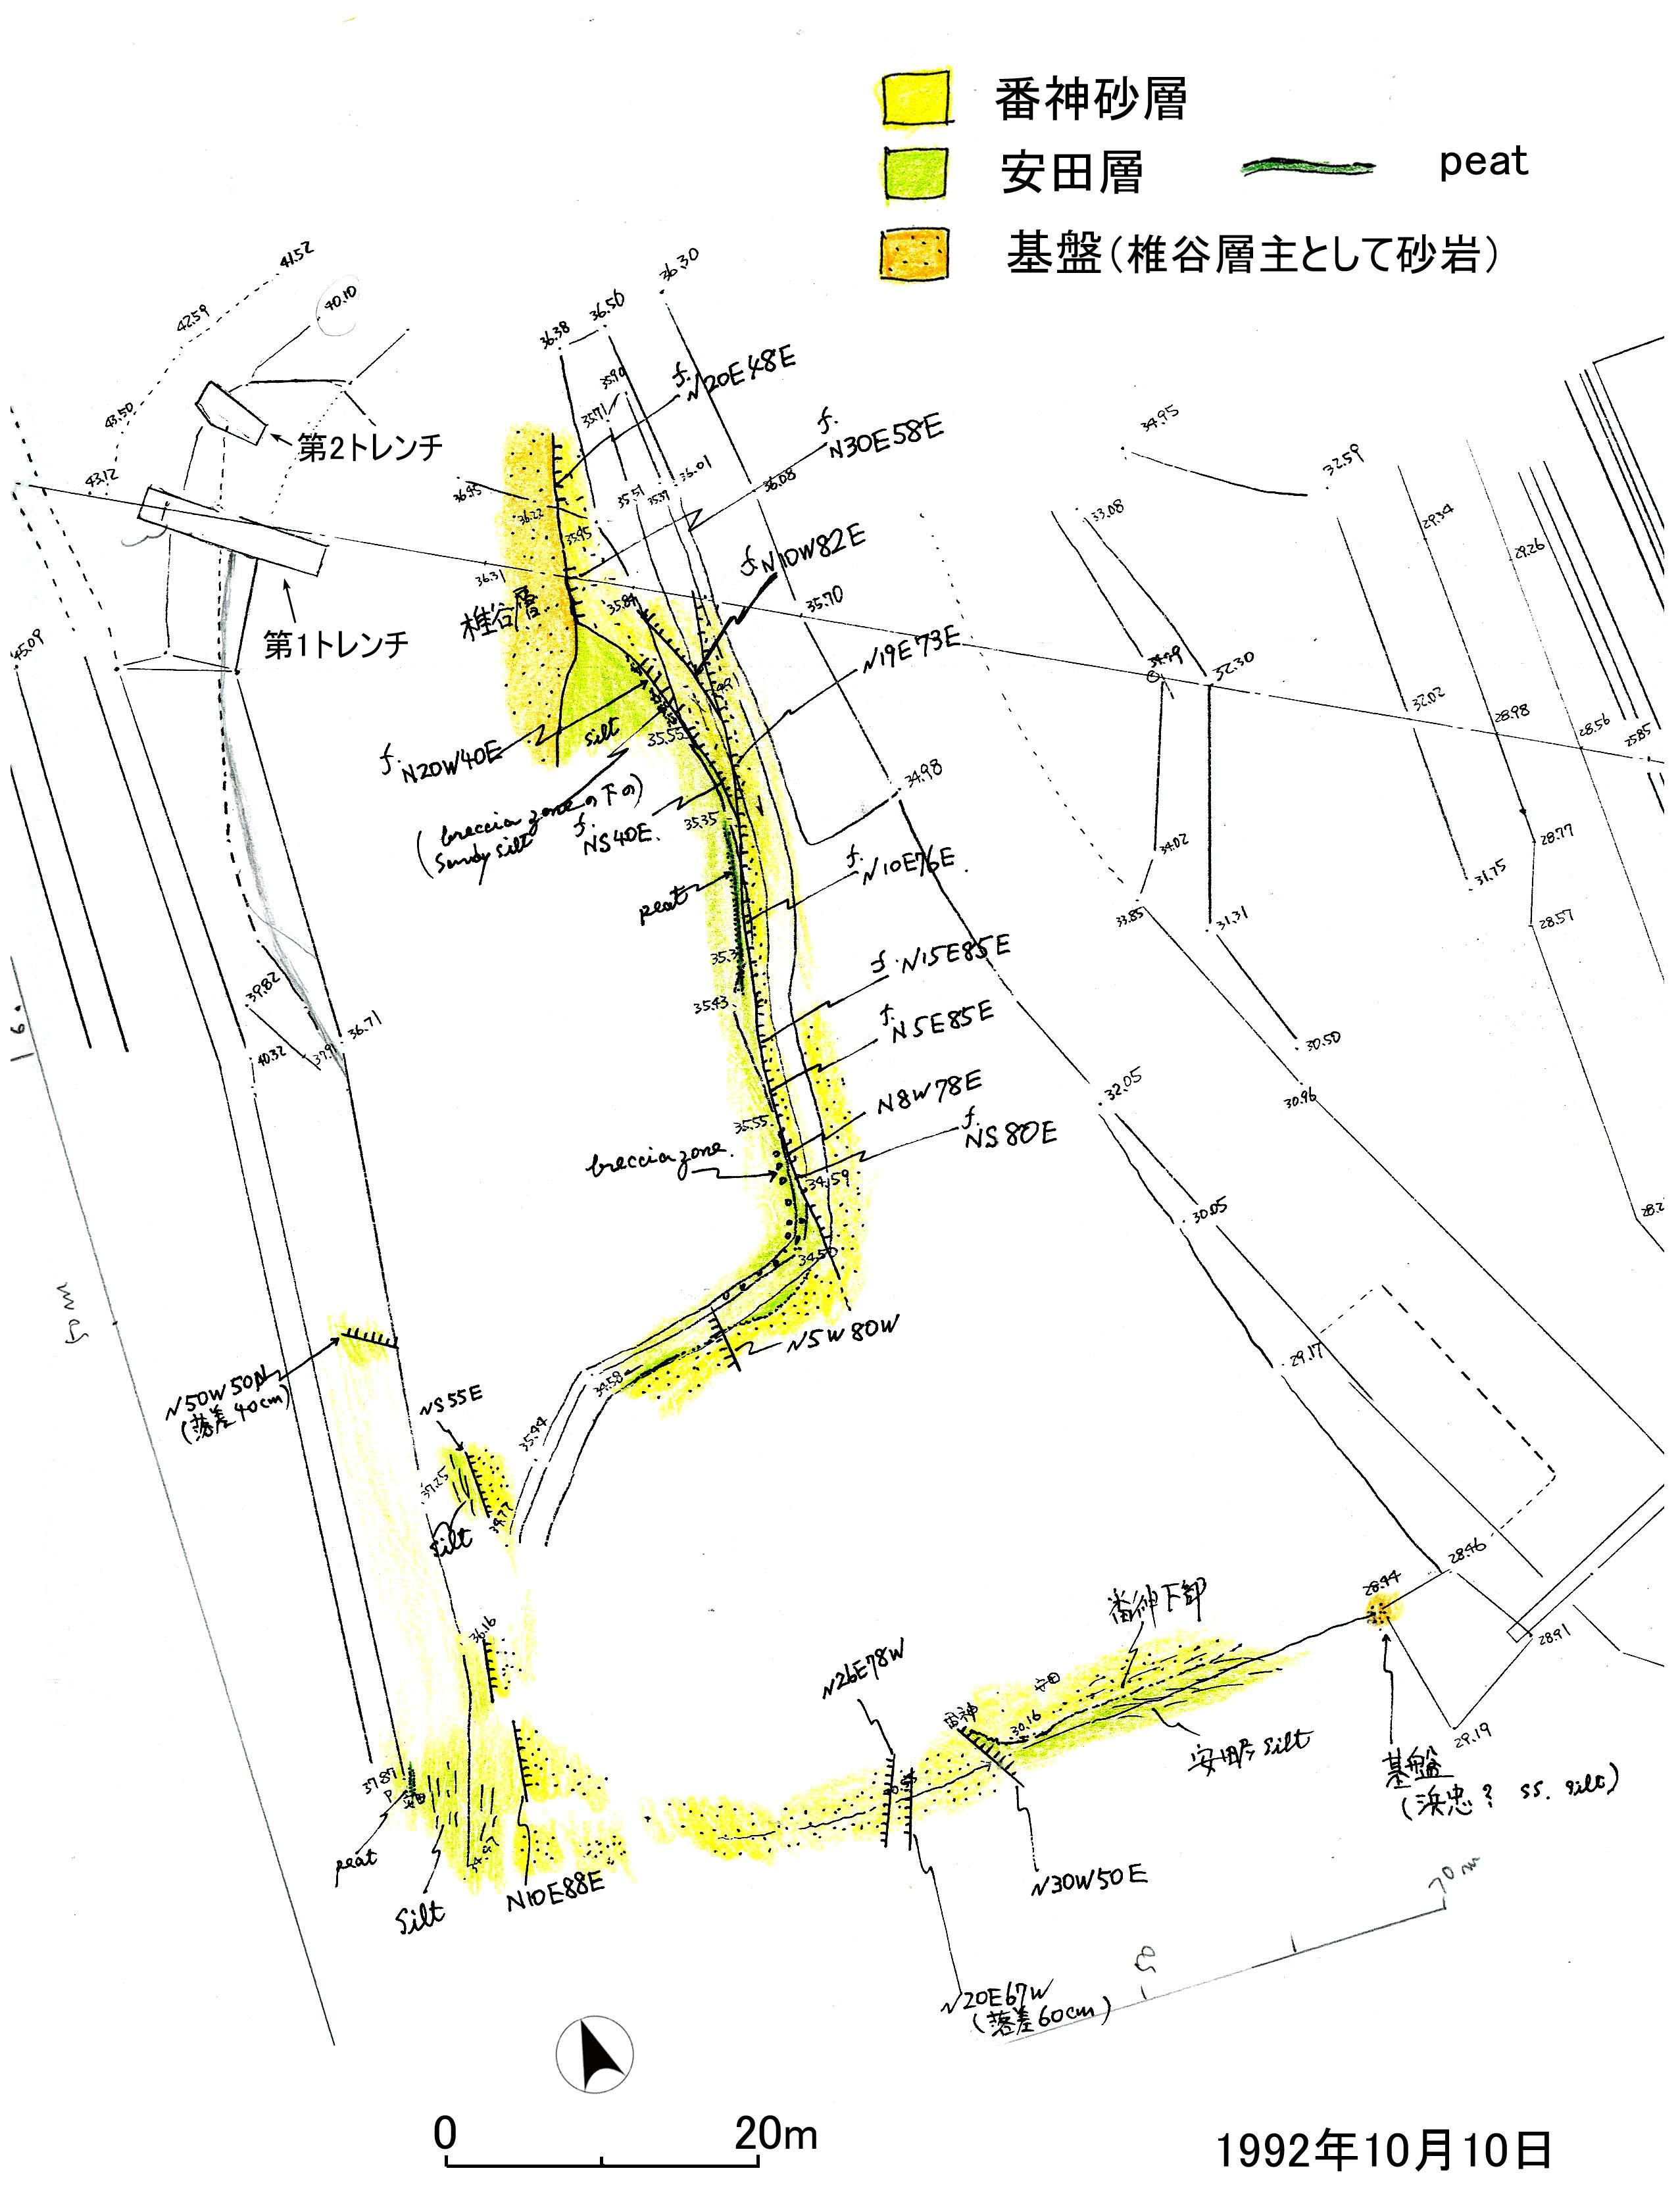 寺尾西土砂採取場東部の断層(19921010)